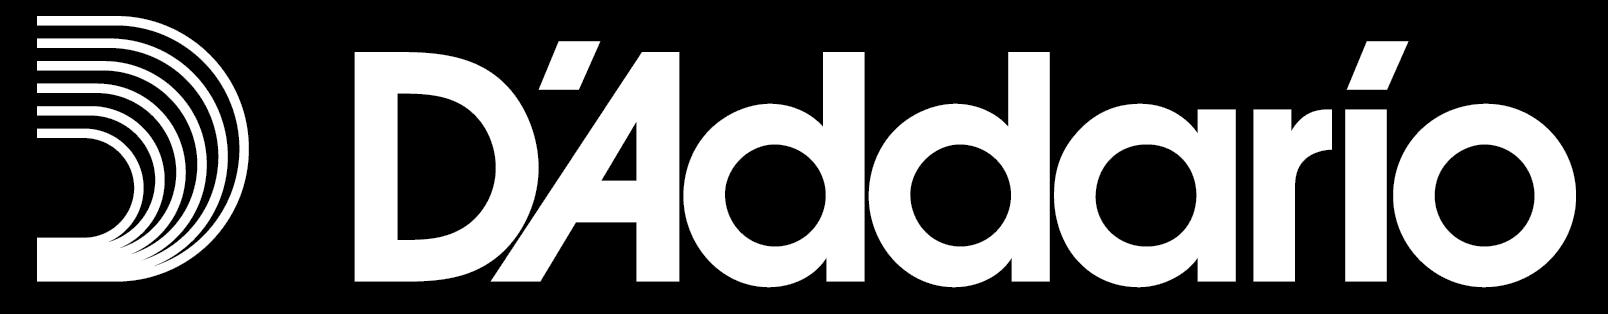 DAddario-White-Trans.png